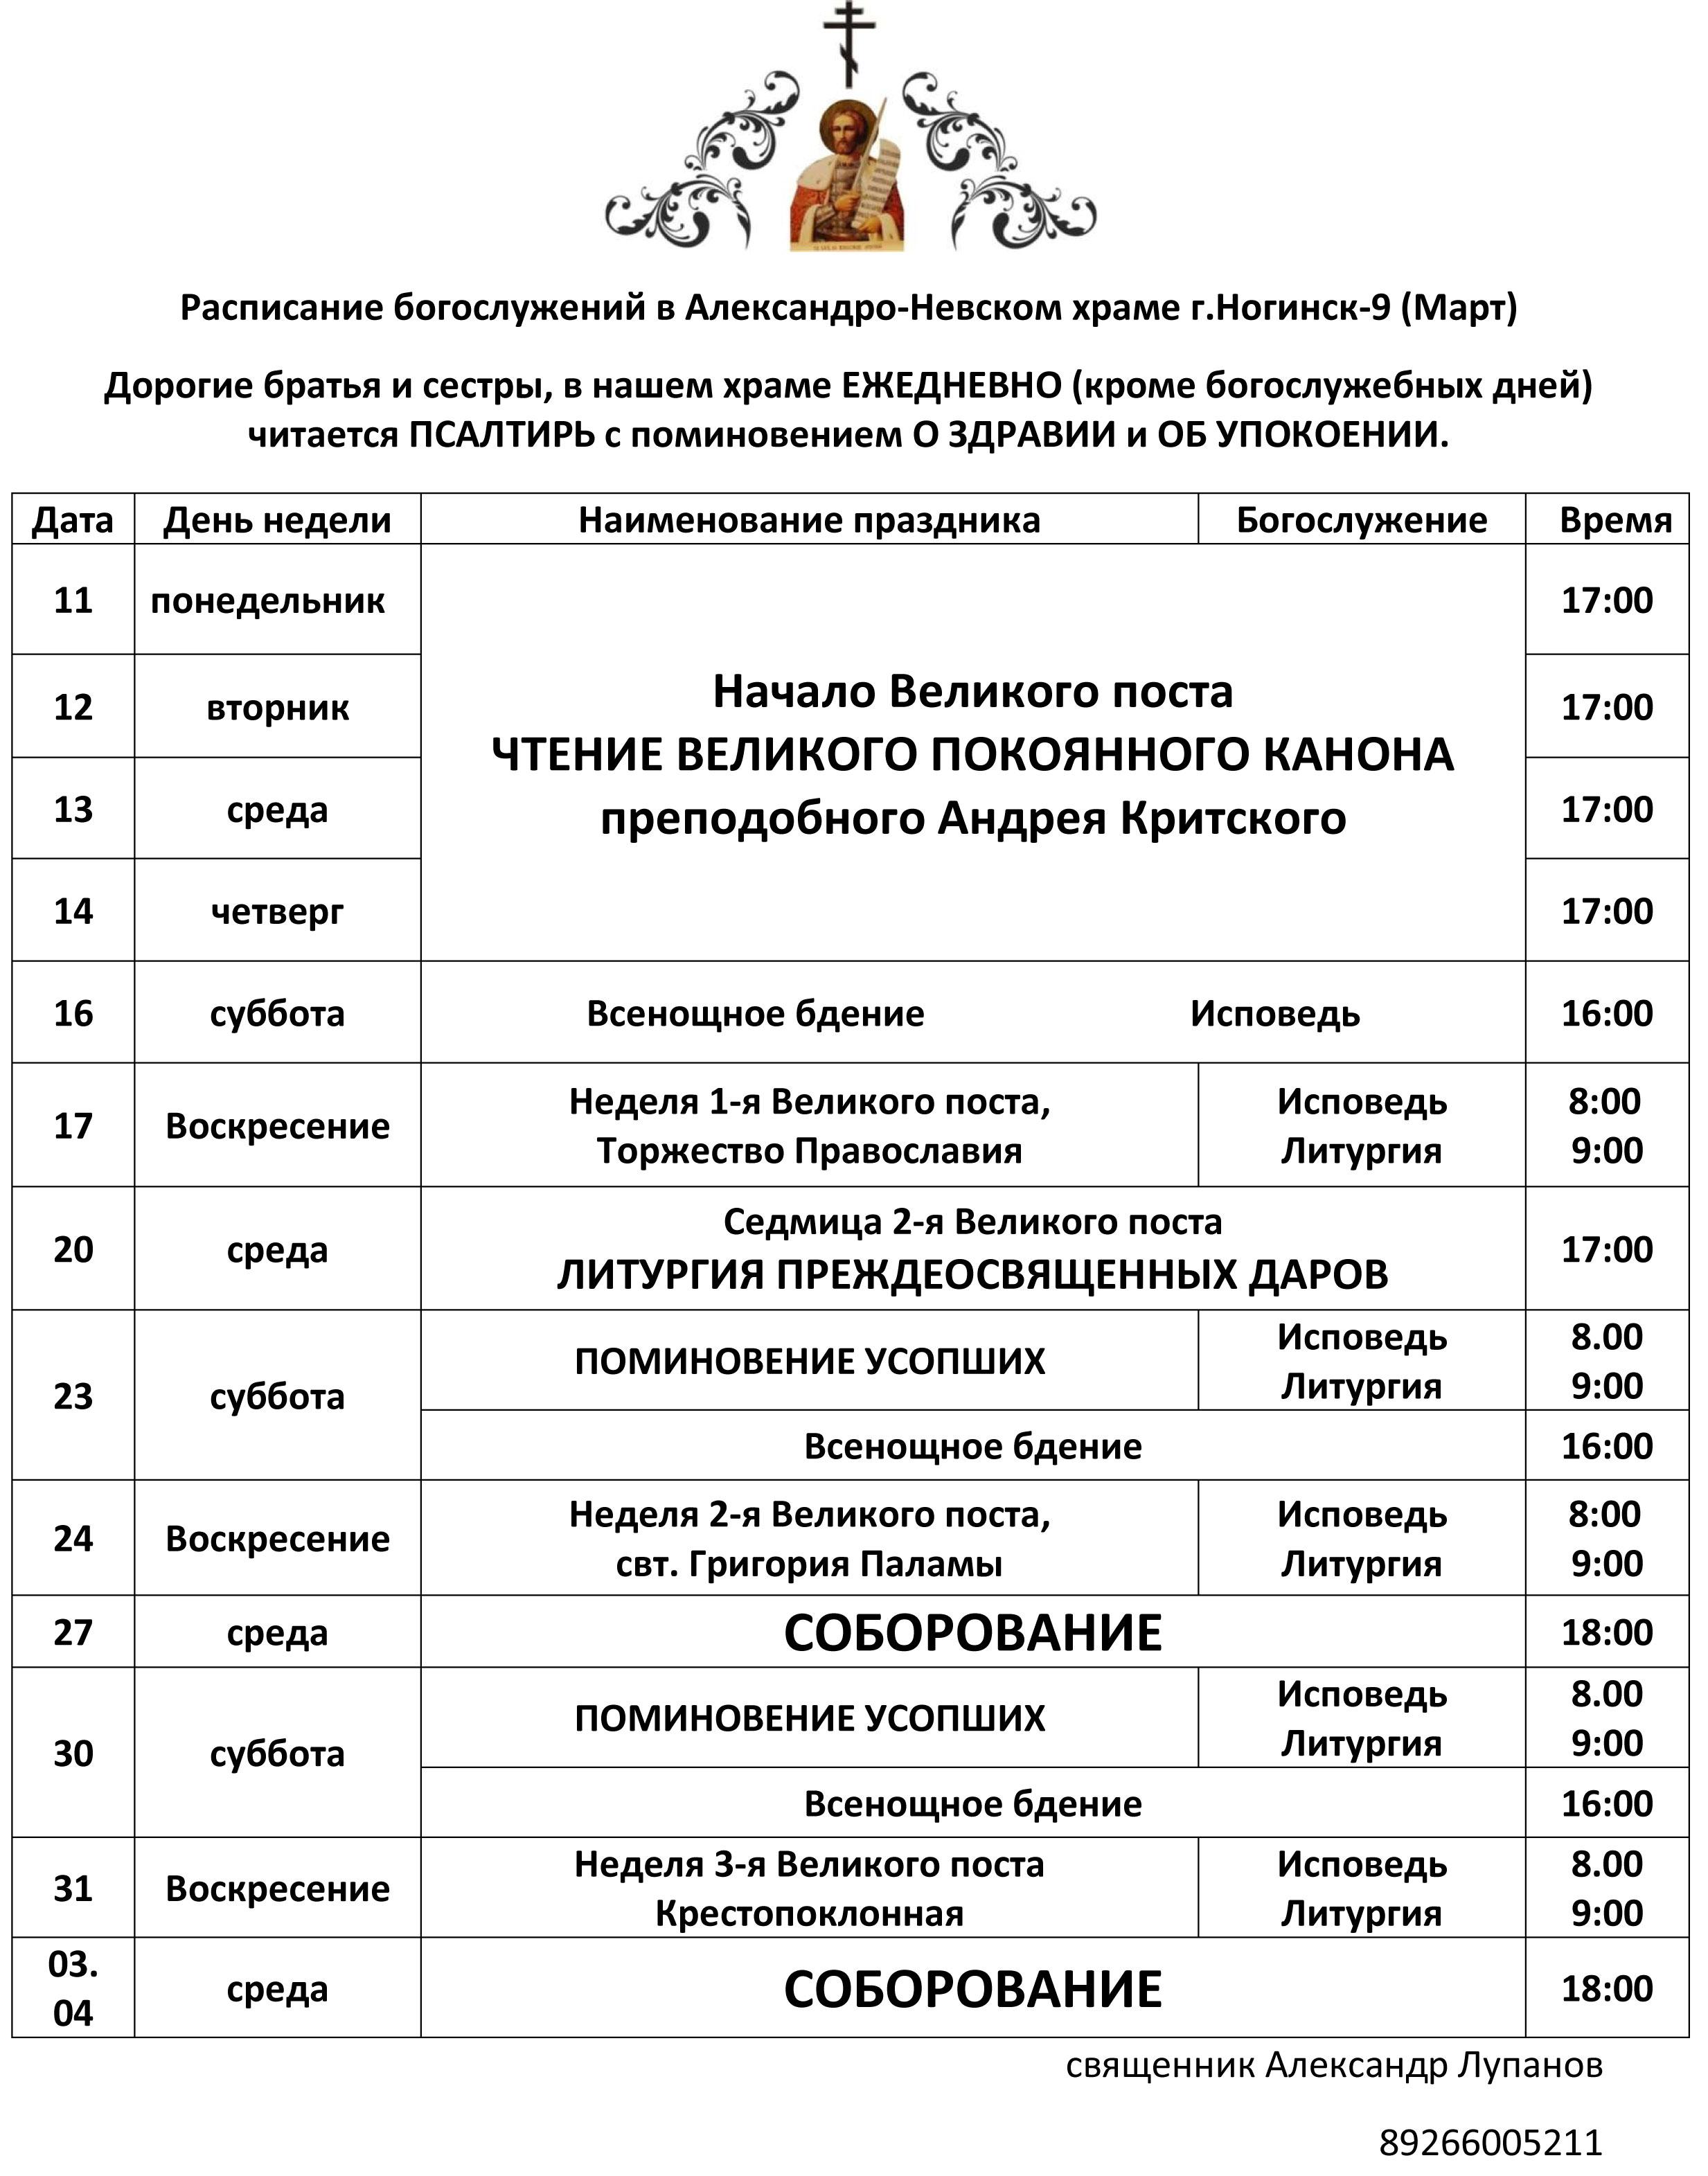 Расписание богослужений в Александро-Невском храме г. Ногинск-9 на март 2019